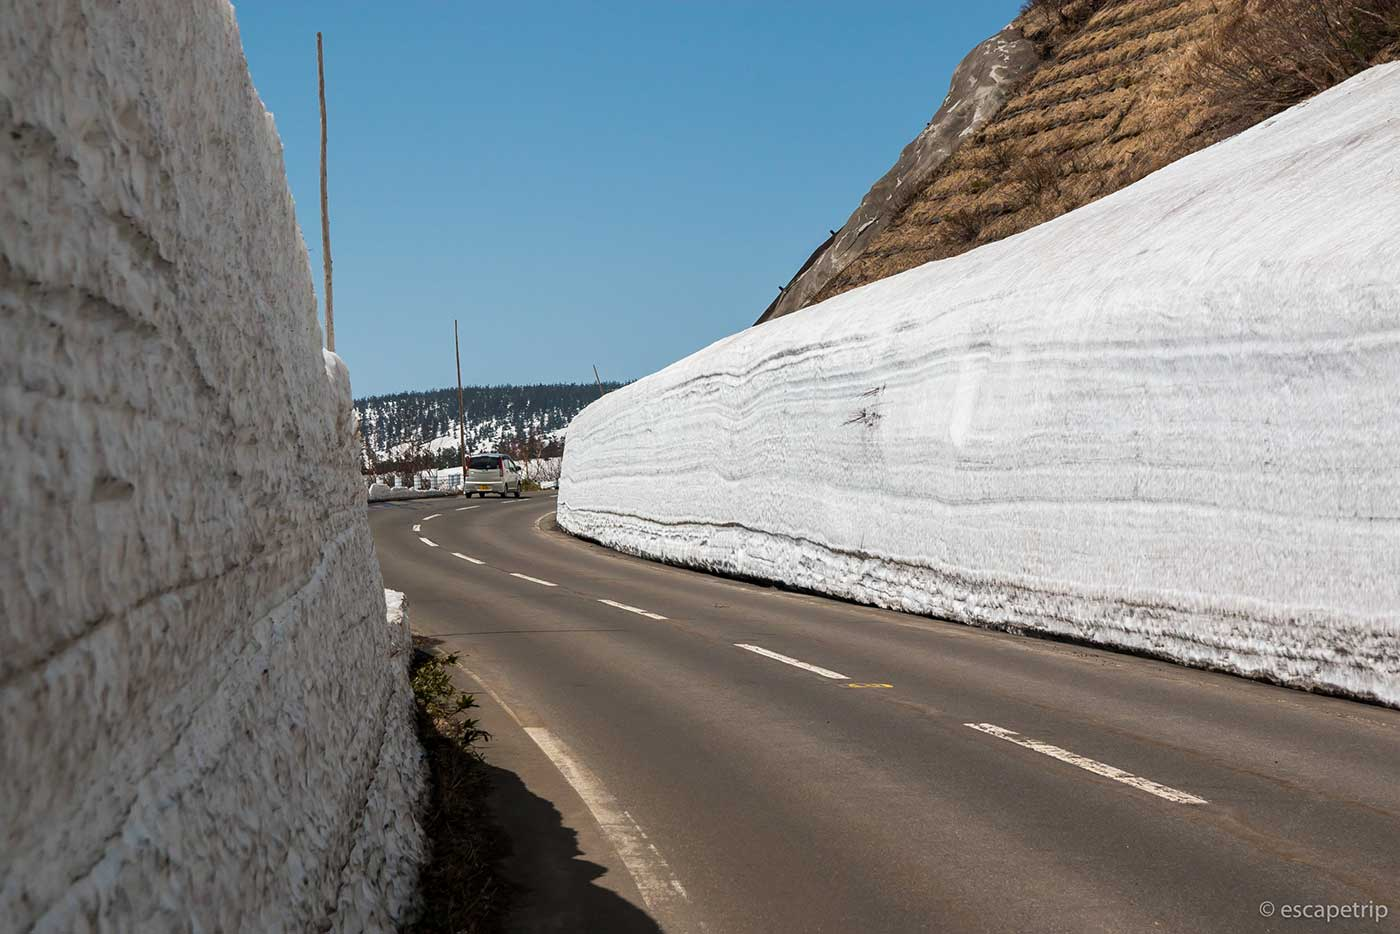 八幡平アスピーテラインの雪の回廊その2